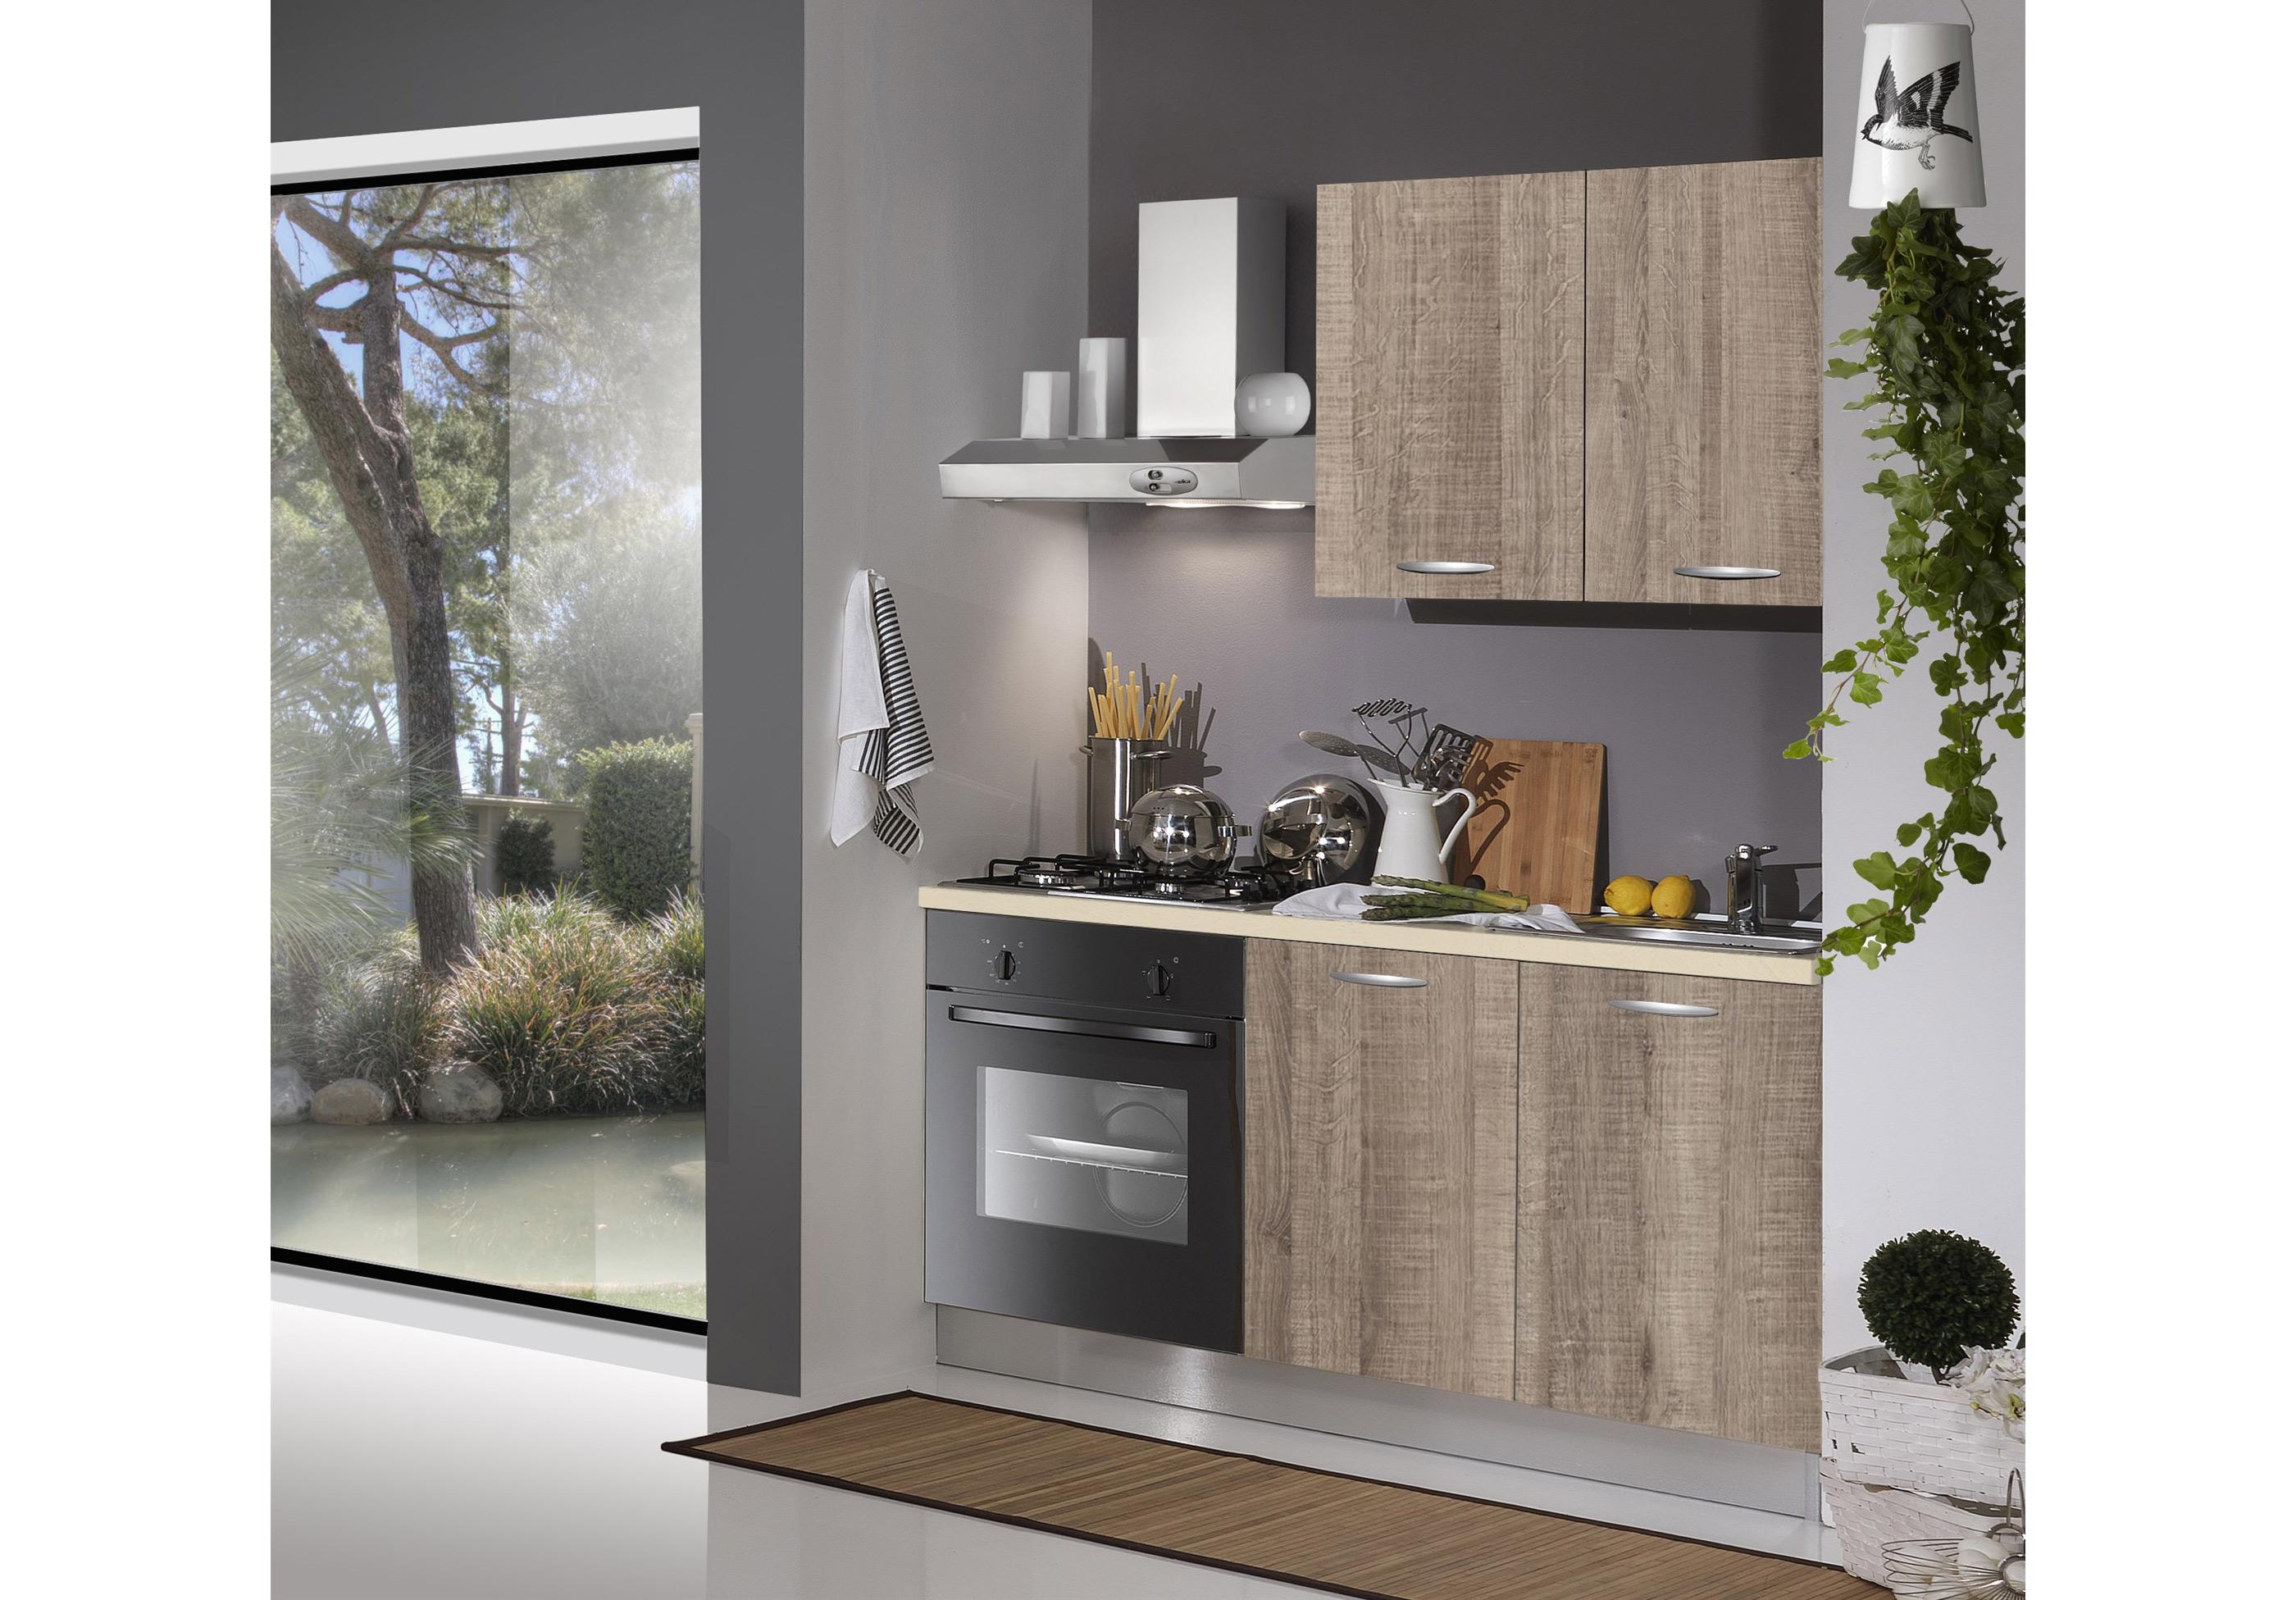 Cucina Monoblok 150 cm | Arredamenti Di Lorenzo Napoli